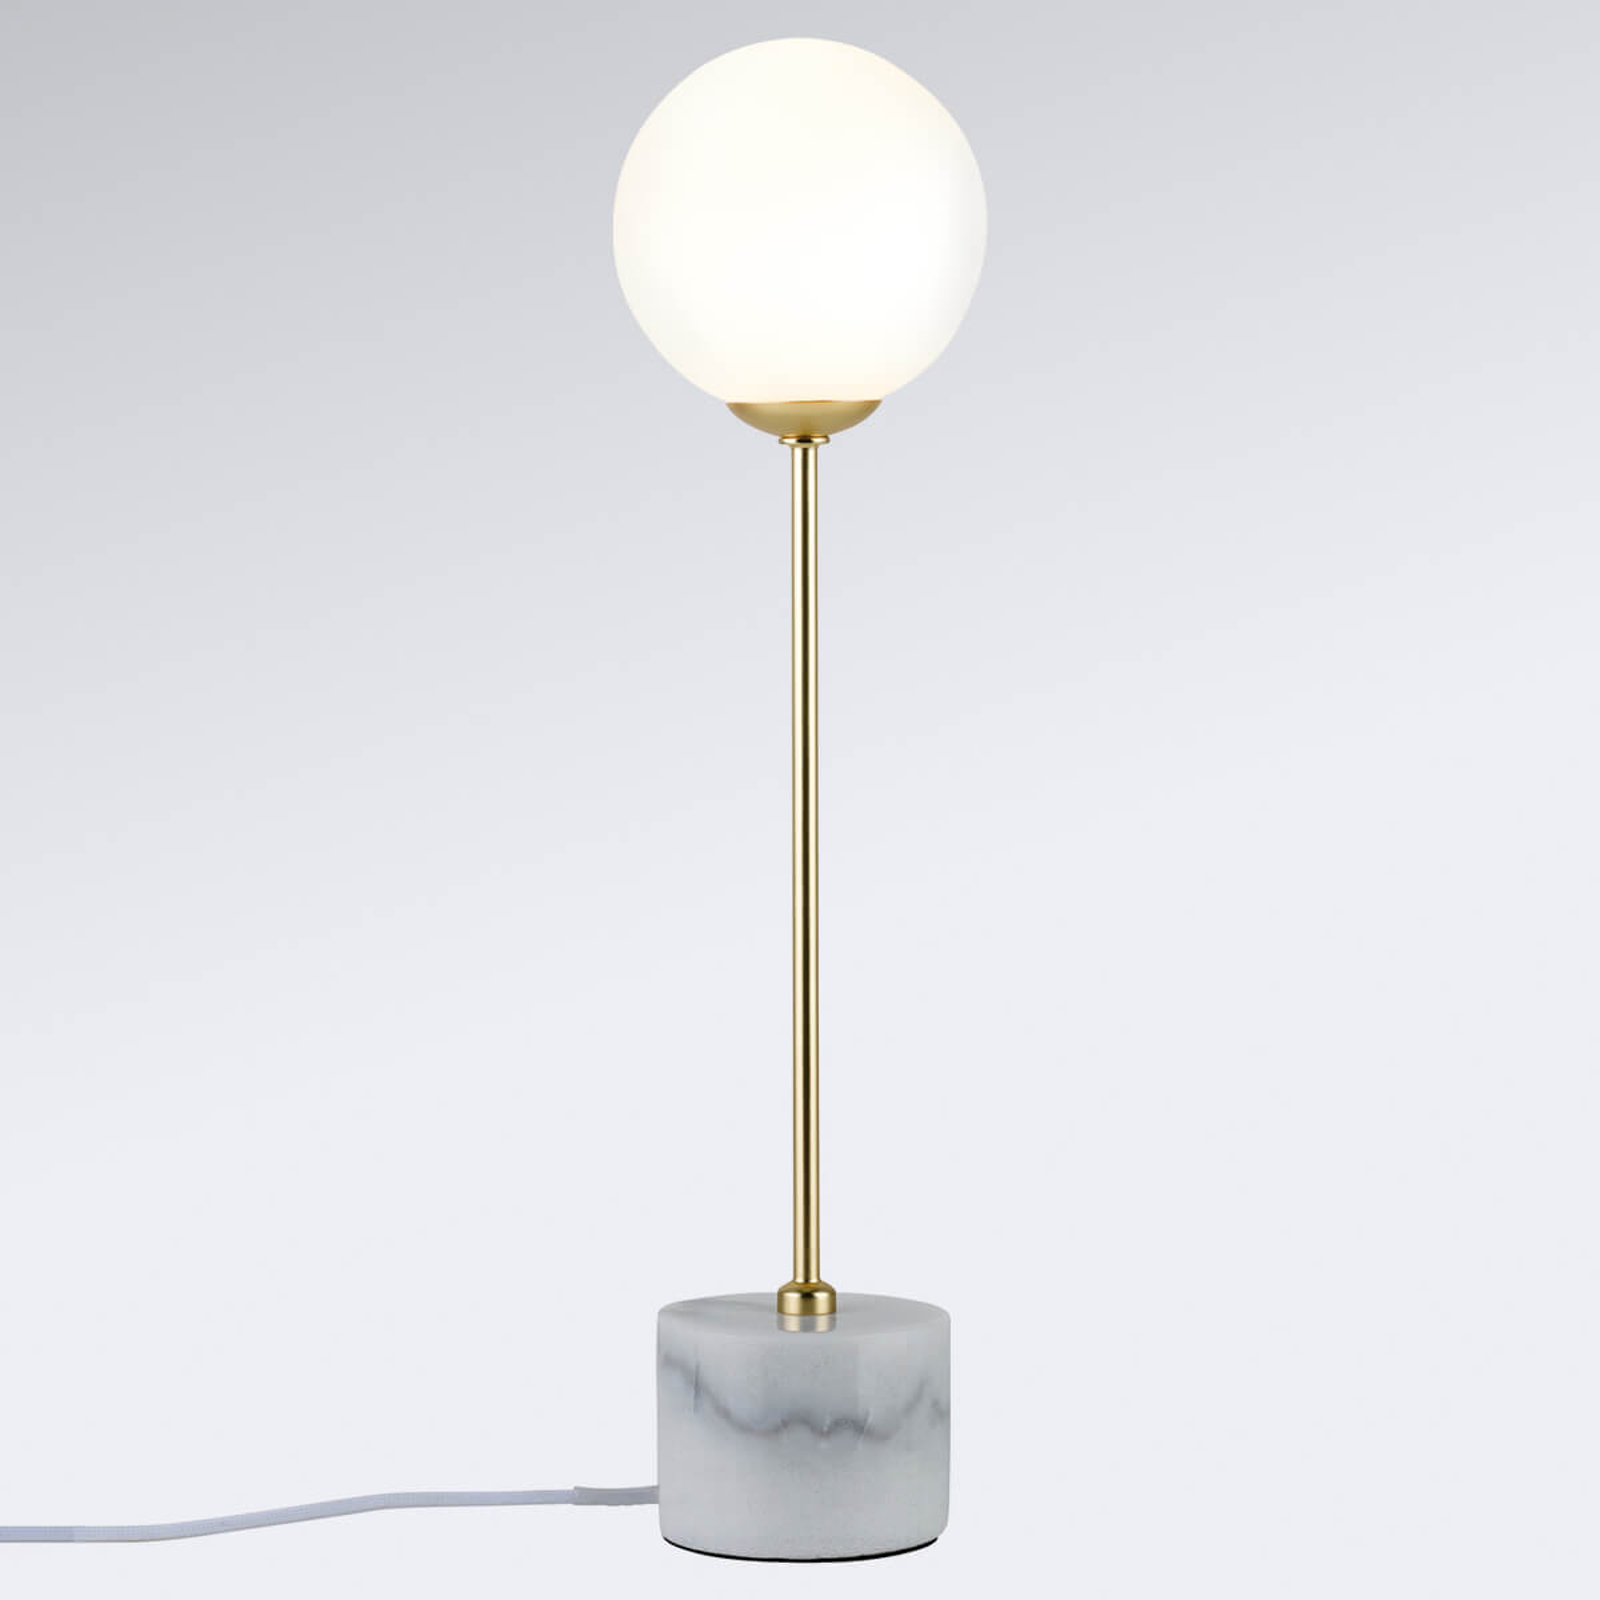 Moa - puristische tafellamp met marmeren fitting